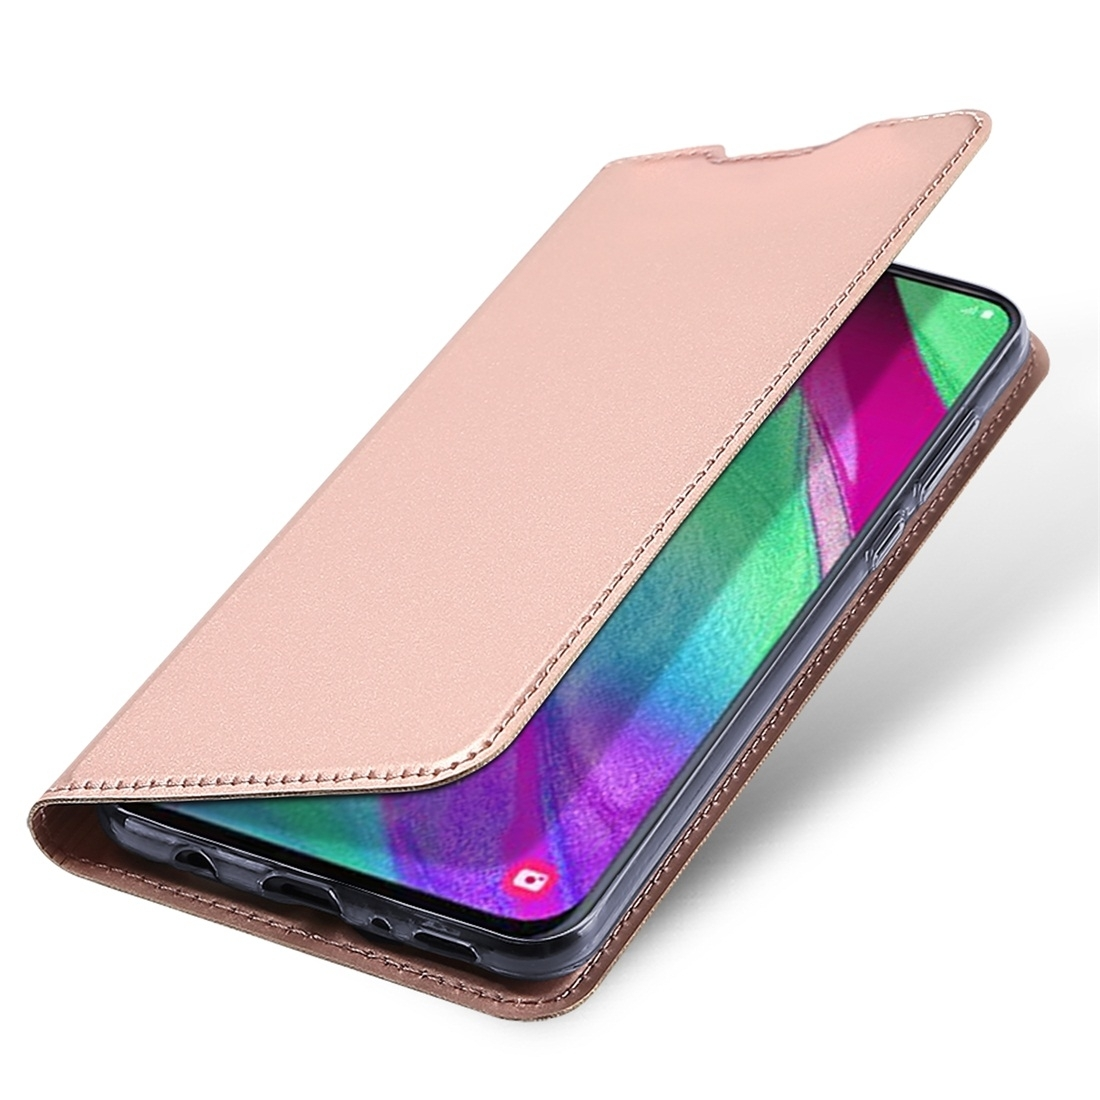 FORCELL DUX Peňaženkový kryt Samsung Galaxy A40 růžový